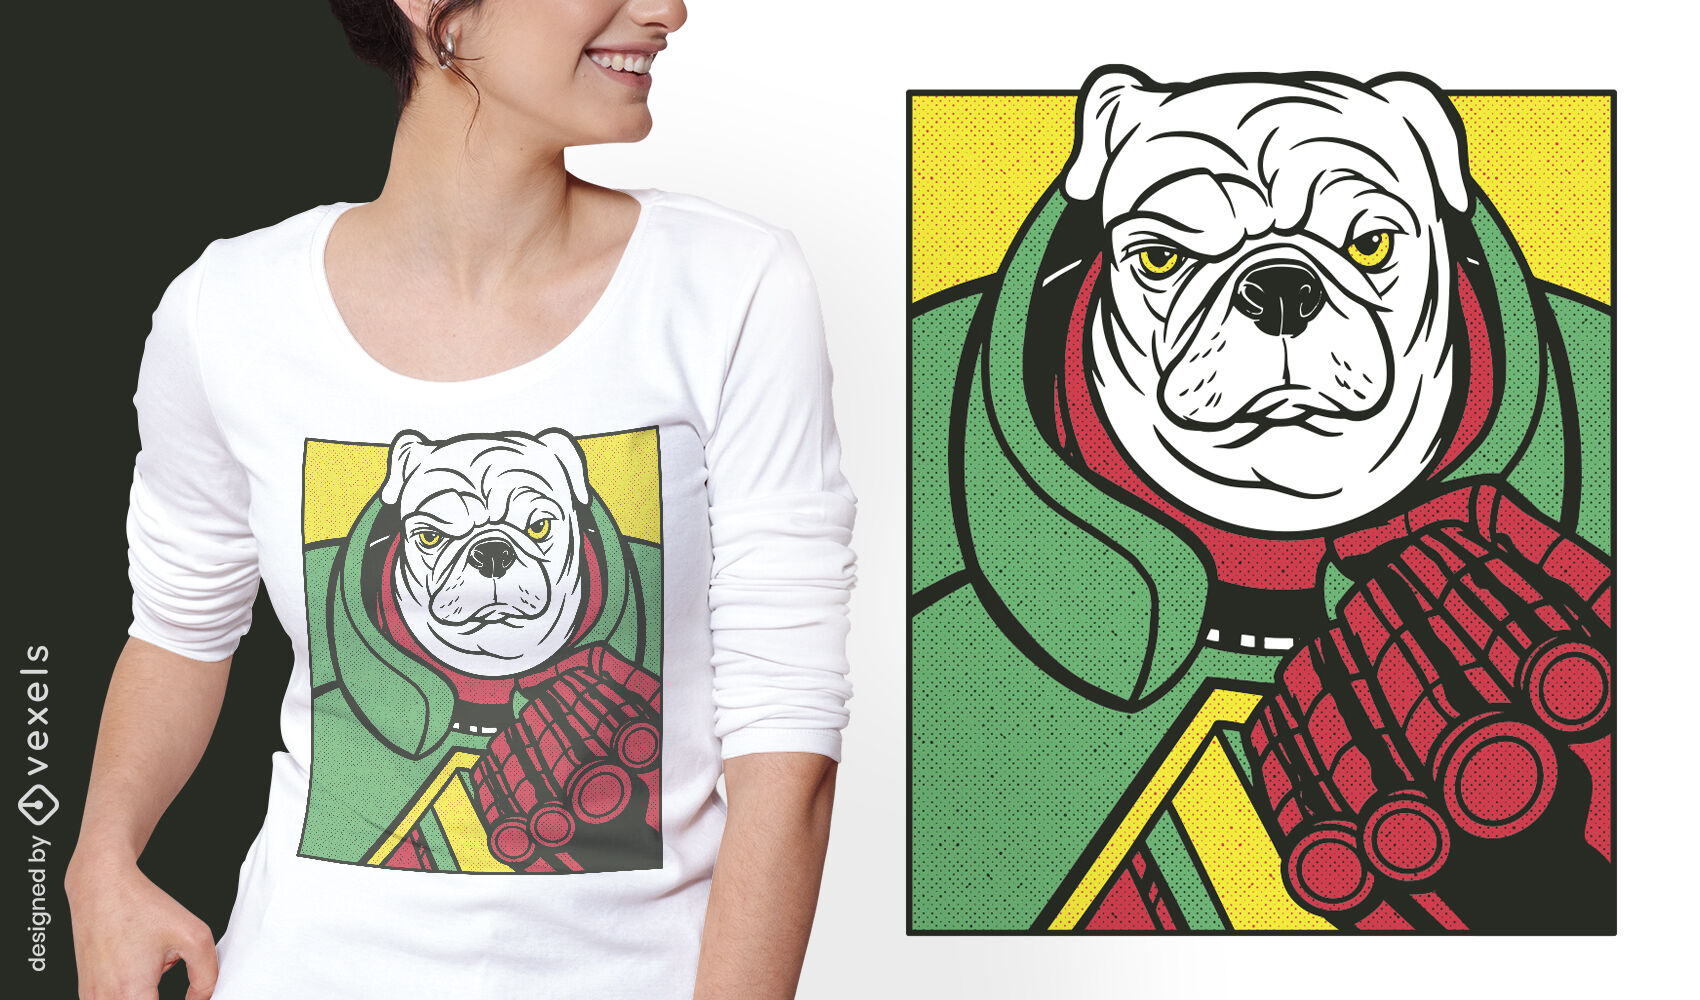 Diseño de camiseta de personaje cómico de perro enojado